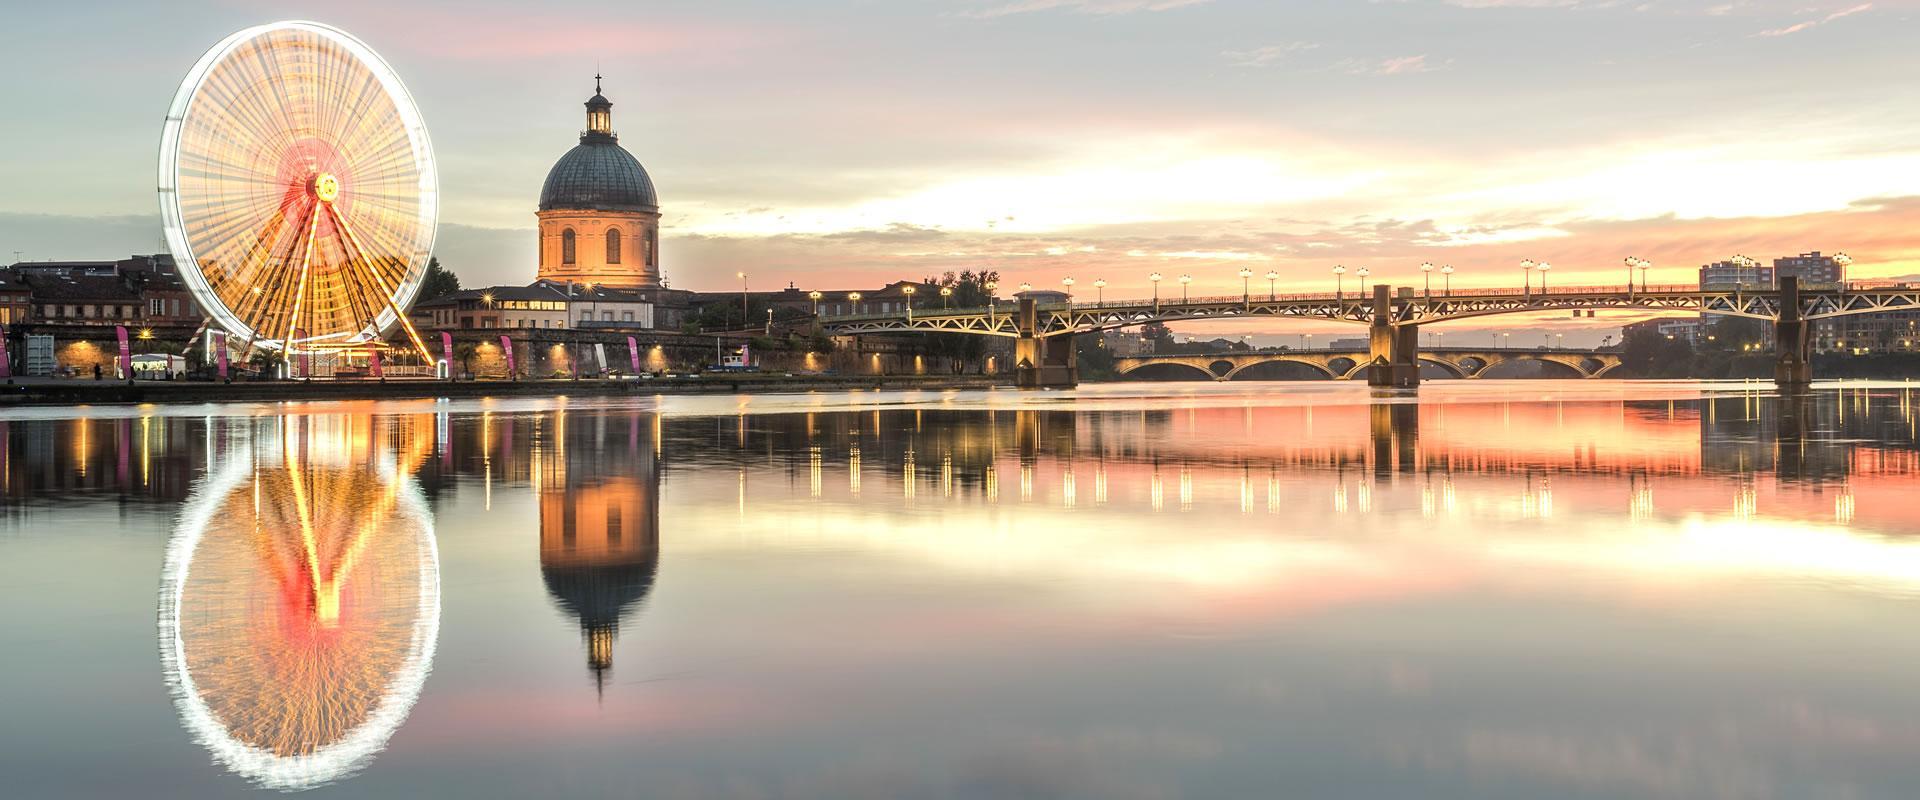 Les bords de Garonne et le dôme de la Grave